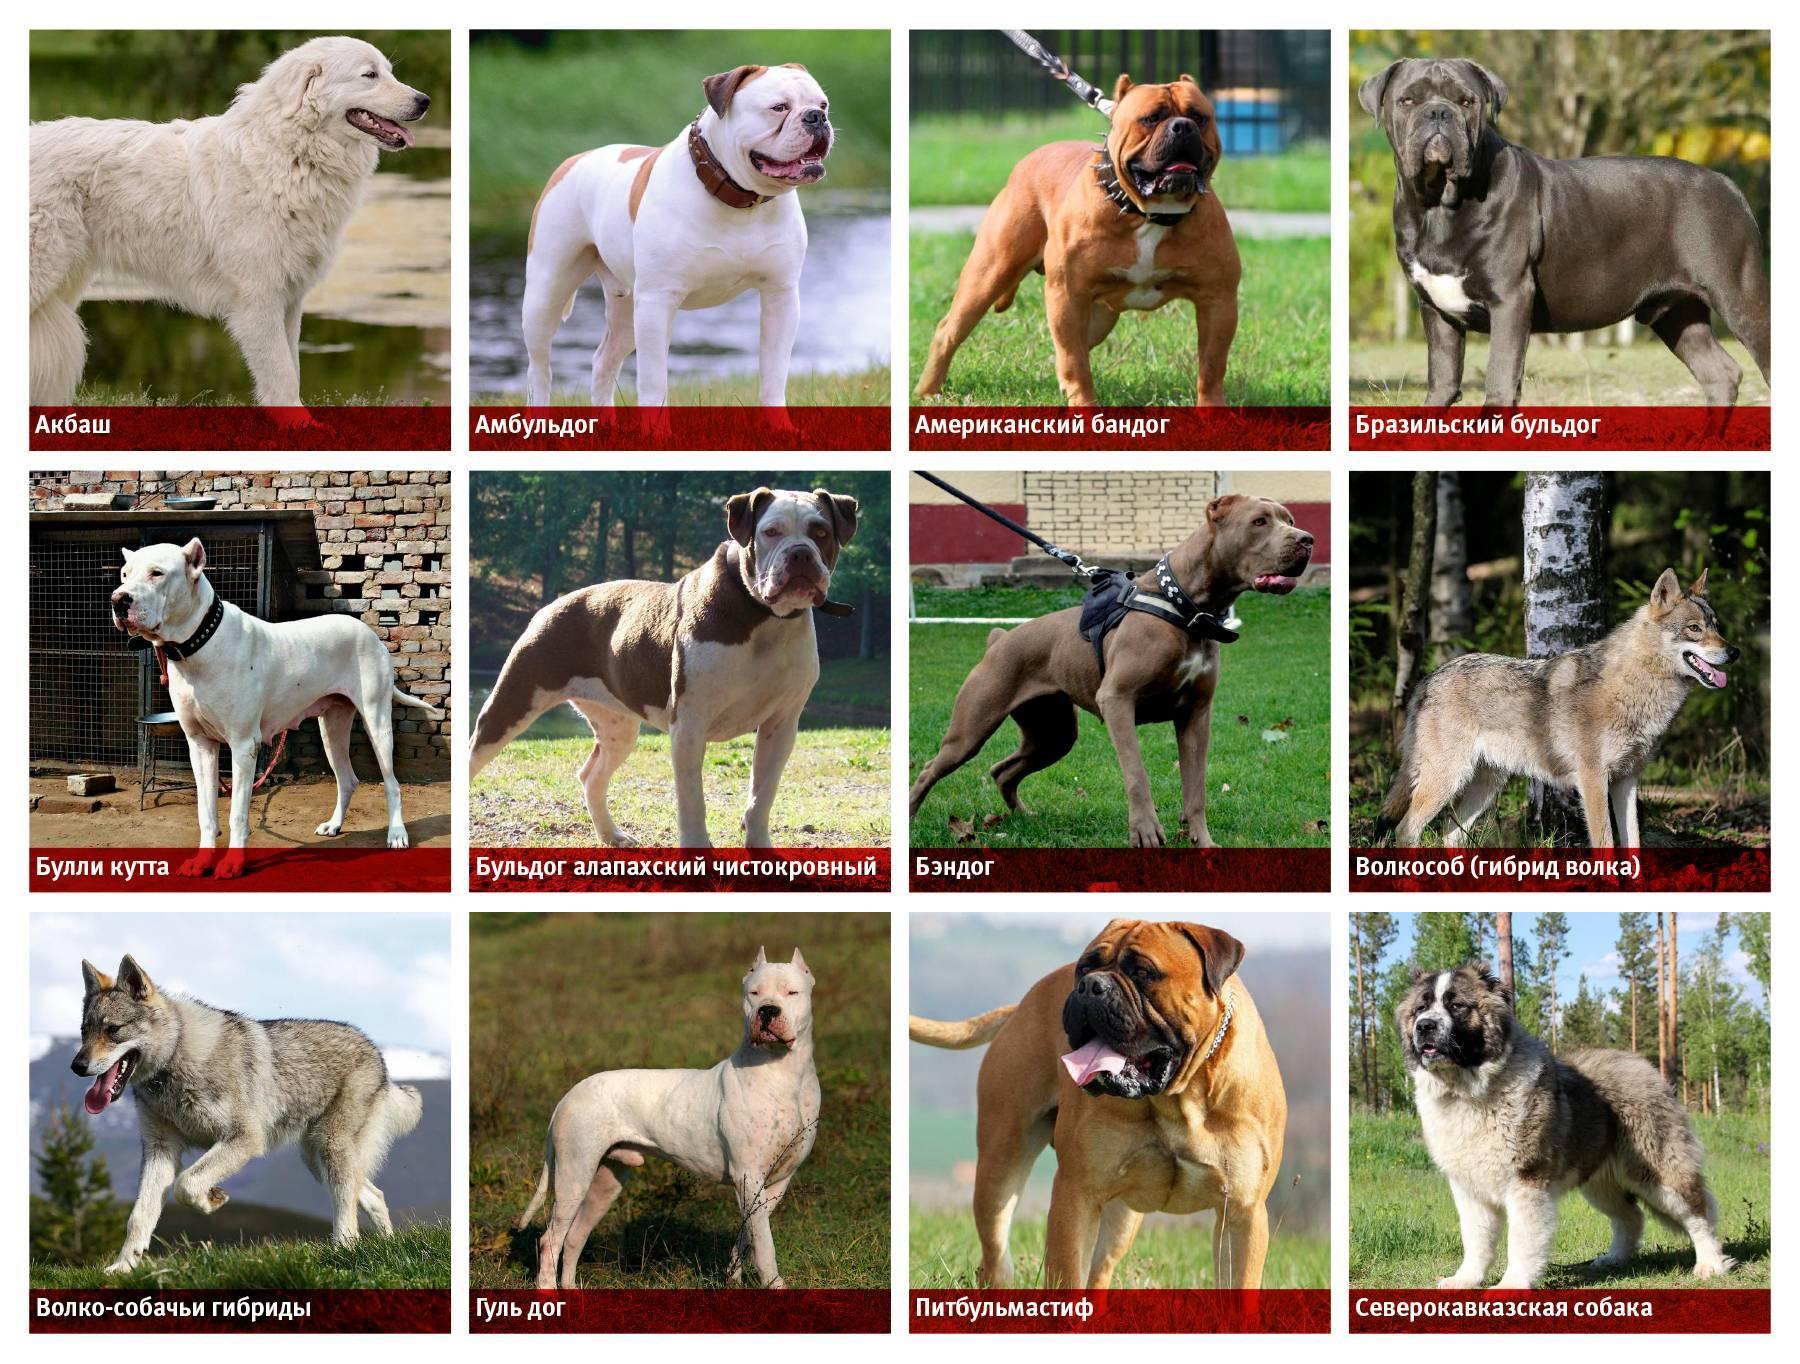 Самые опасные собаки в мире — топ-10 пород-убийц с фото и названиями